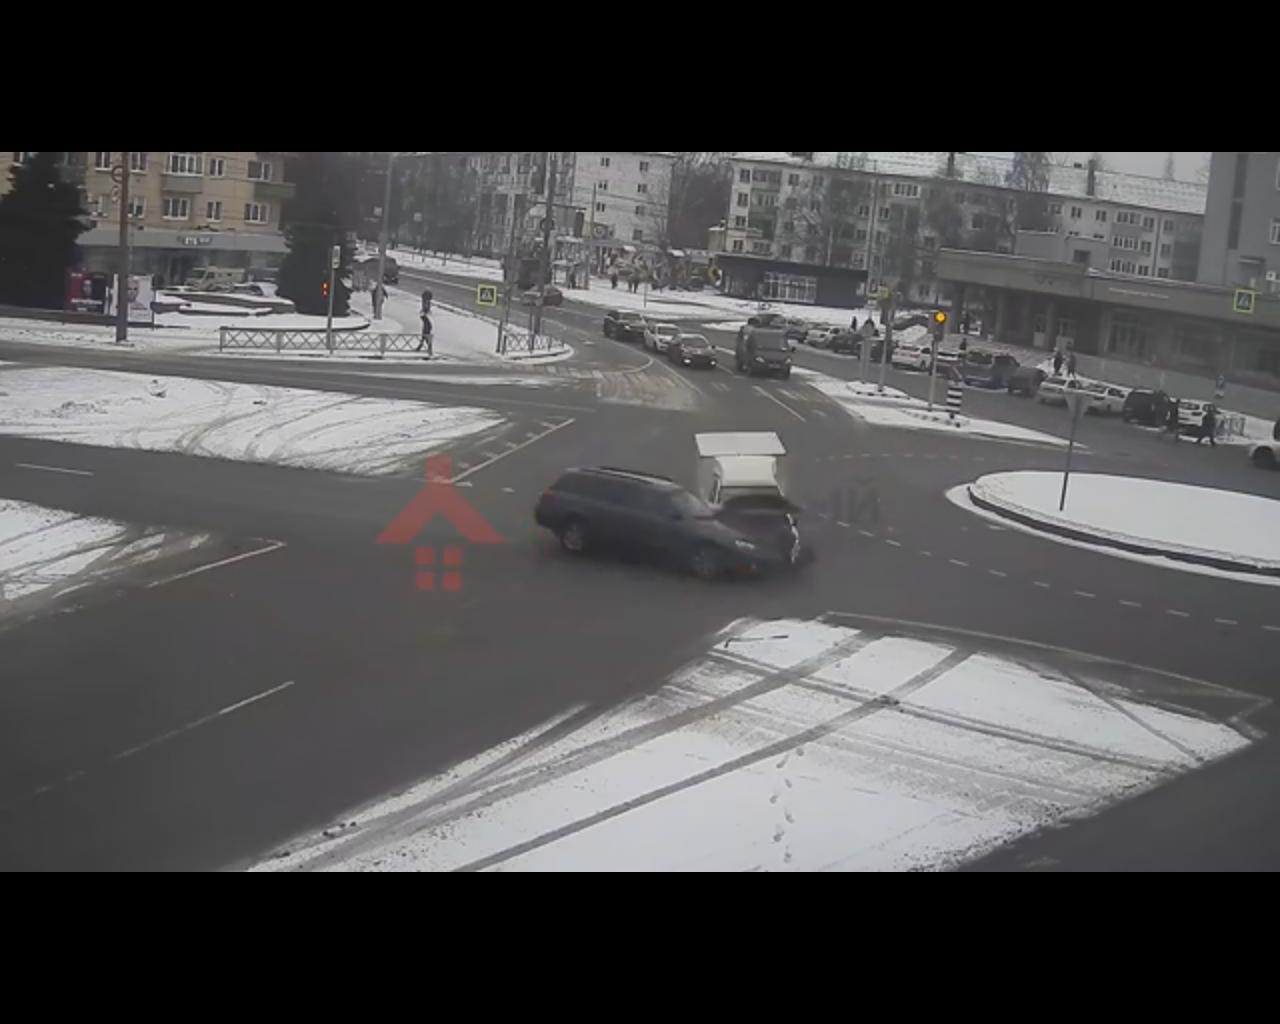 В Ярославле на перекрестке с круговым движением столкнулись две легковушки: видео